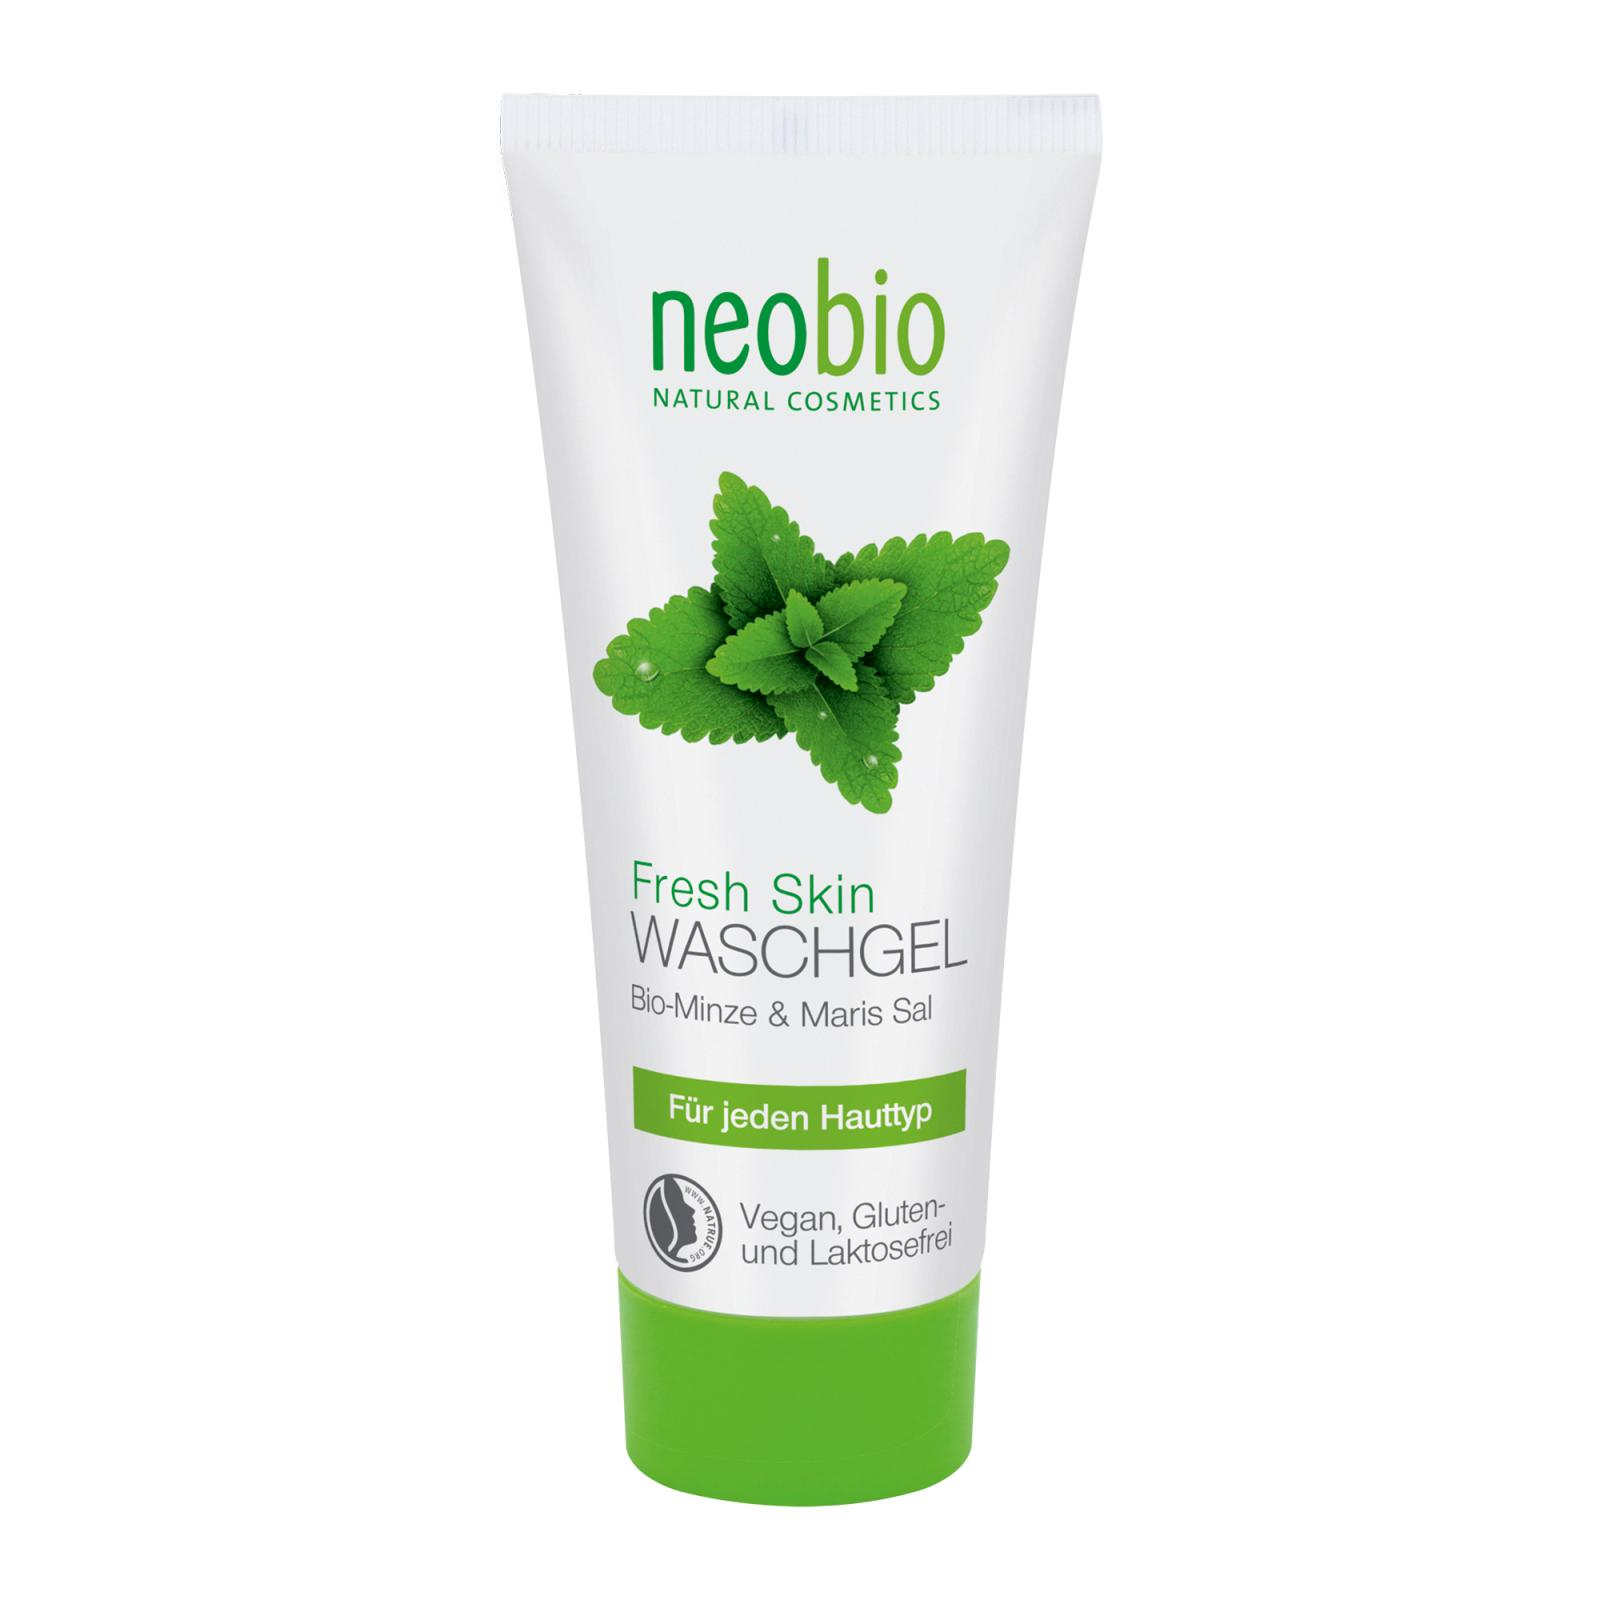 Neobio Čisticí pleťový gel, Fresh Skin 100 ml